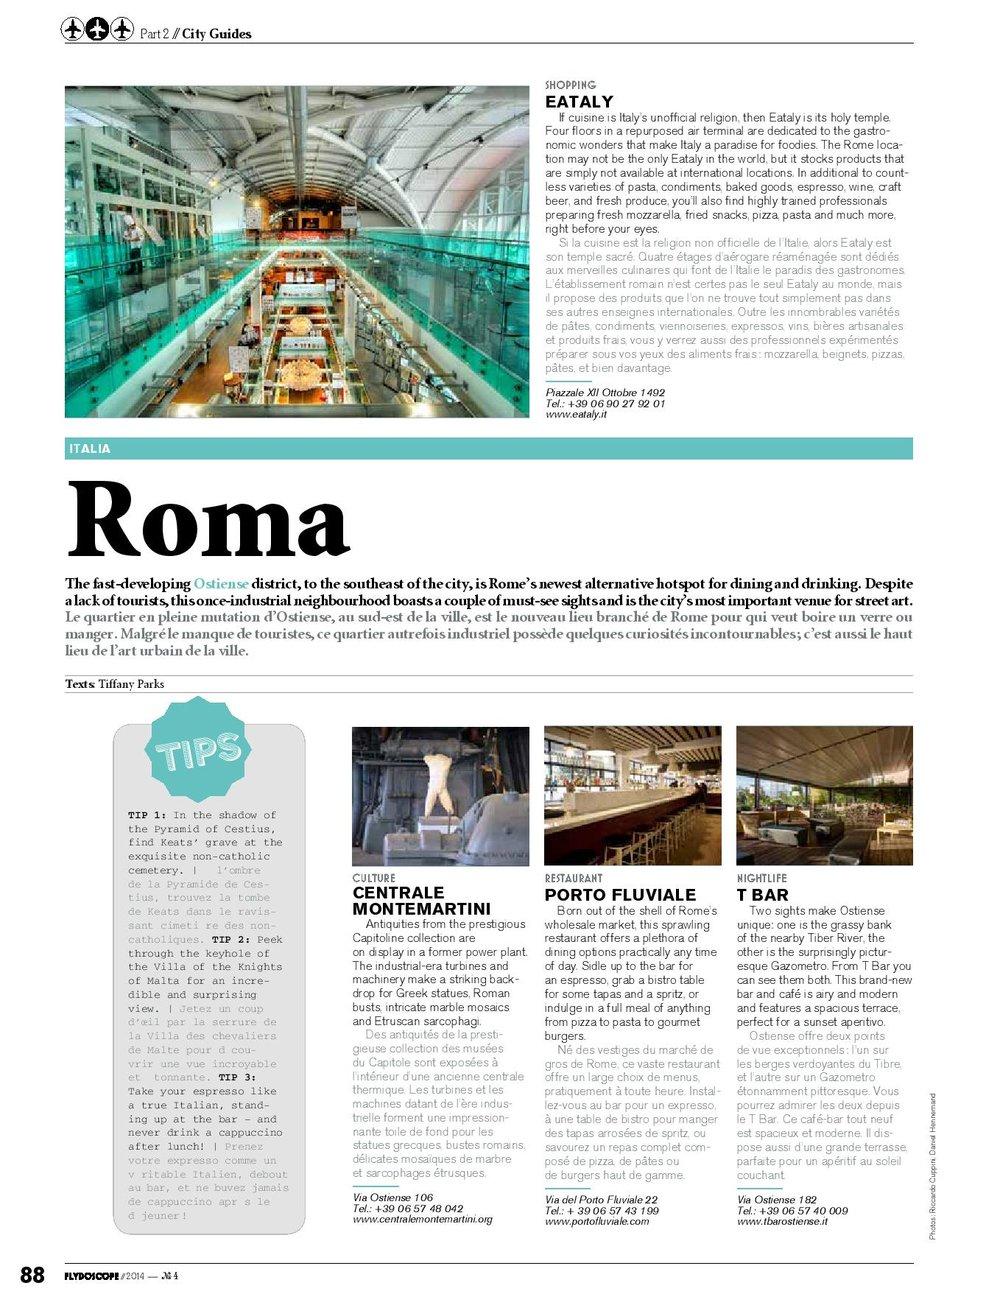 Roma-Ostiense-Flydo-2014-no4.jpg